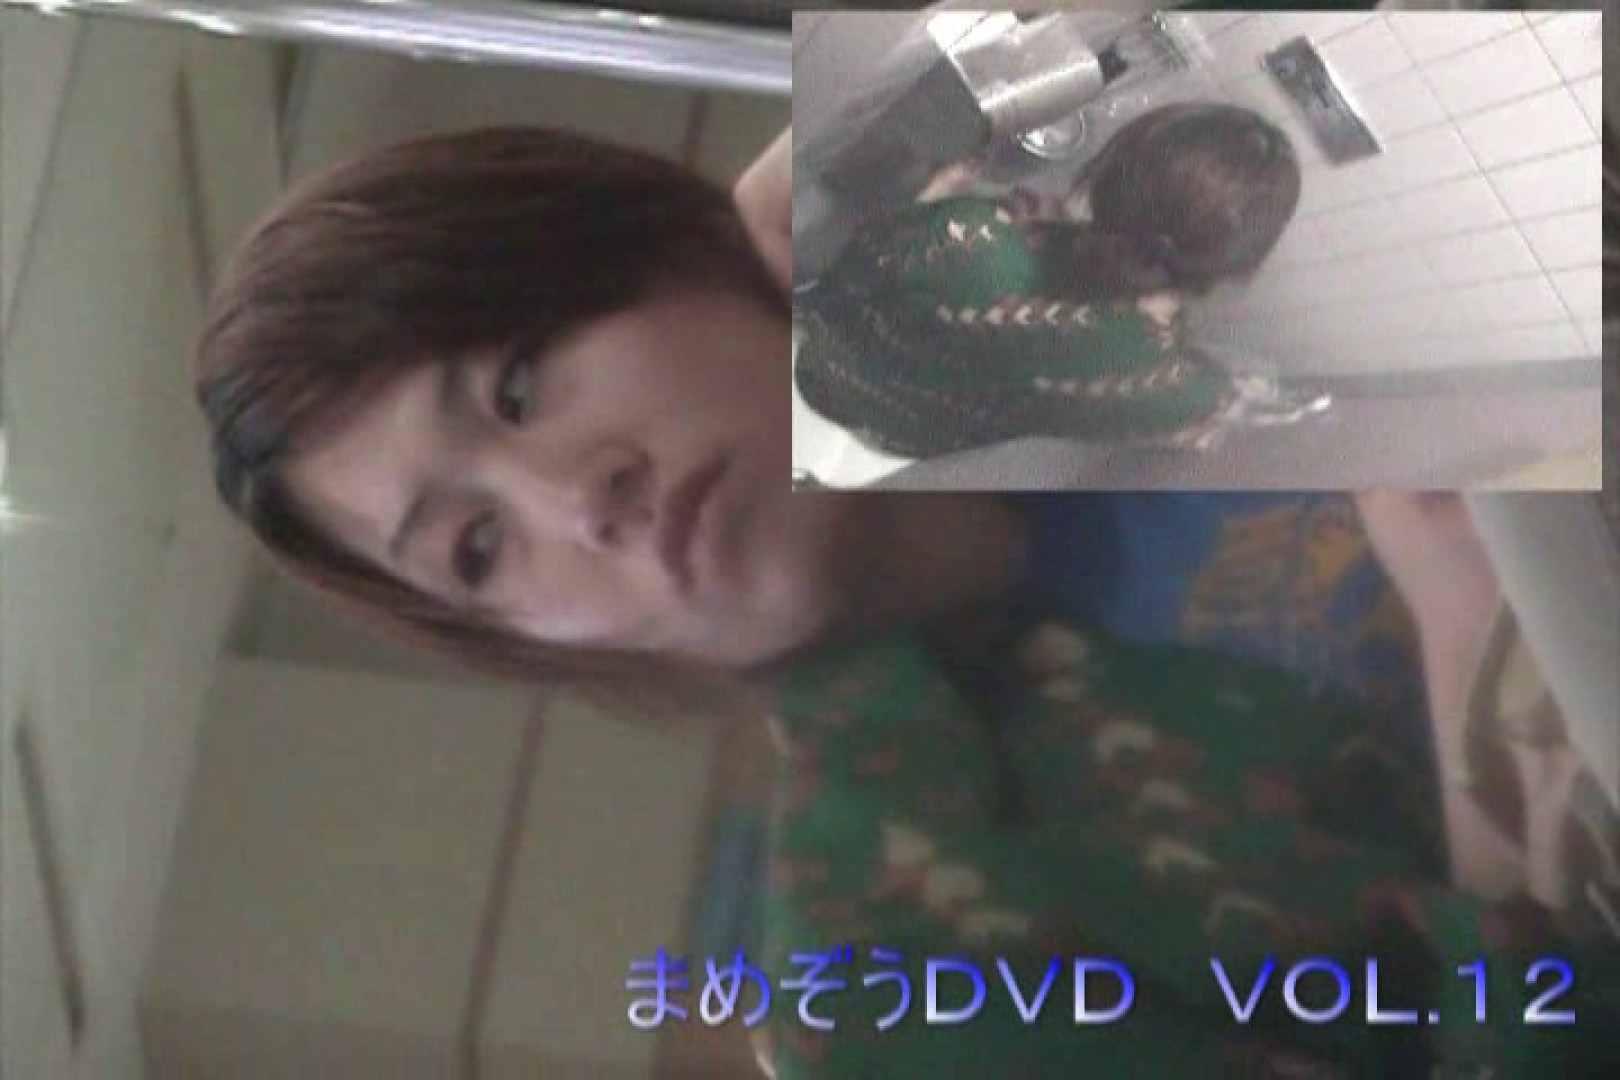 まめぞうDVD完全版VOL.12 OL   ギャル・コレクション  63連発 18